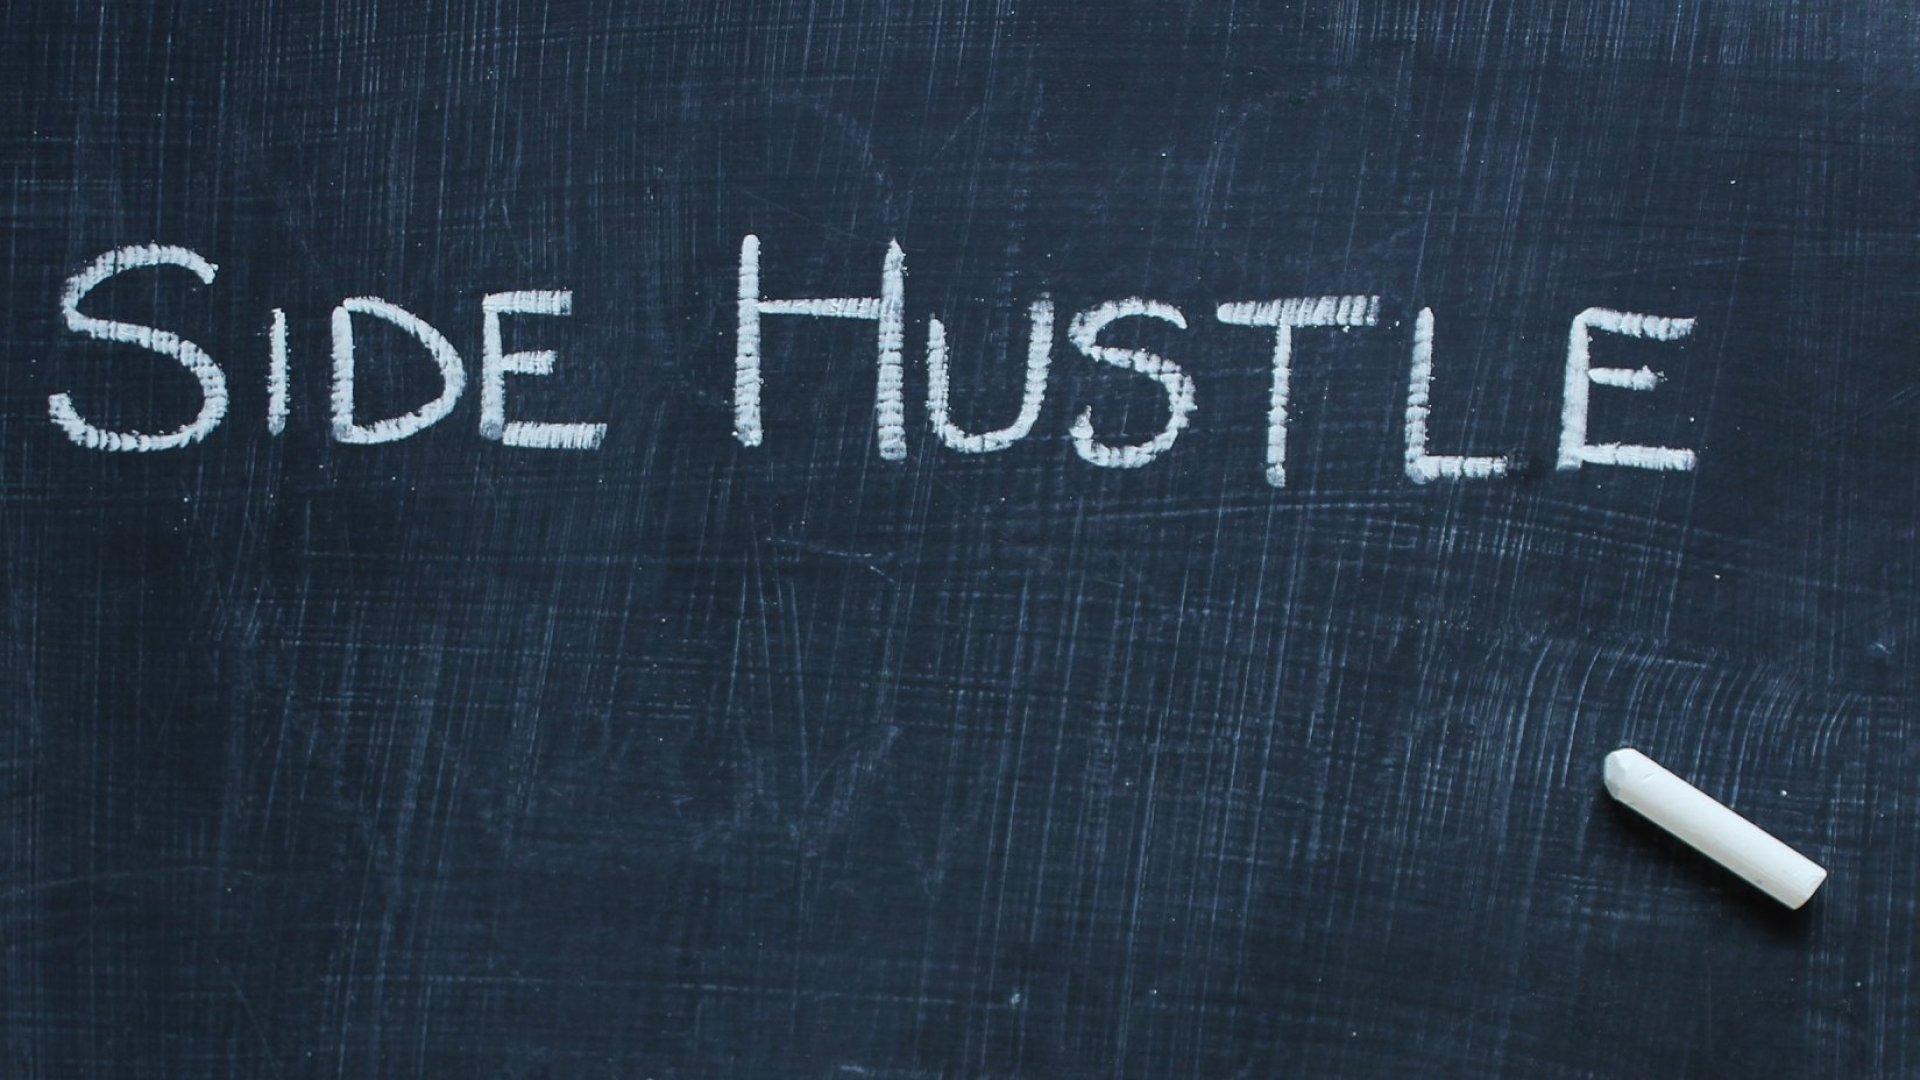 side hustle crypto for living.jpg